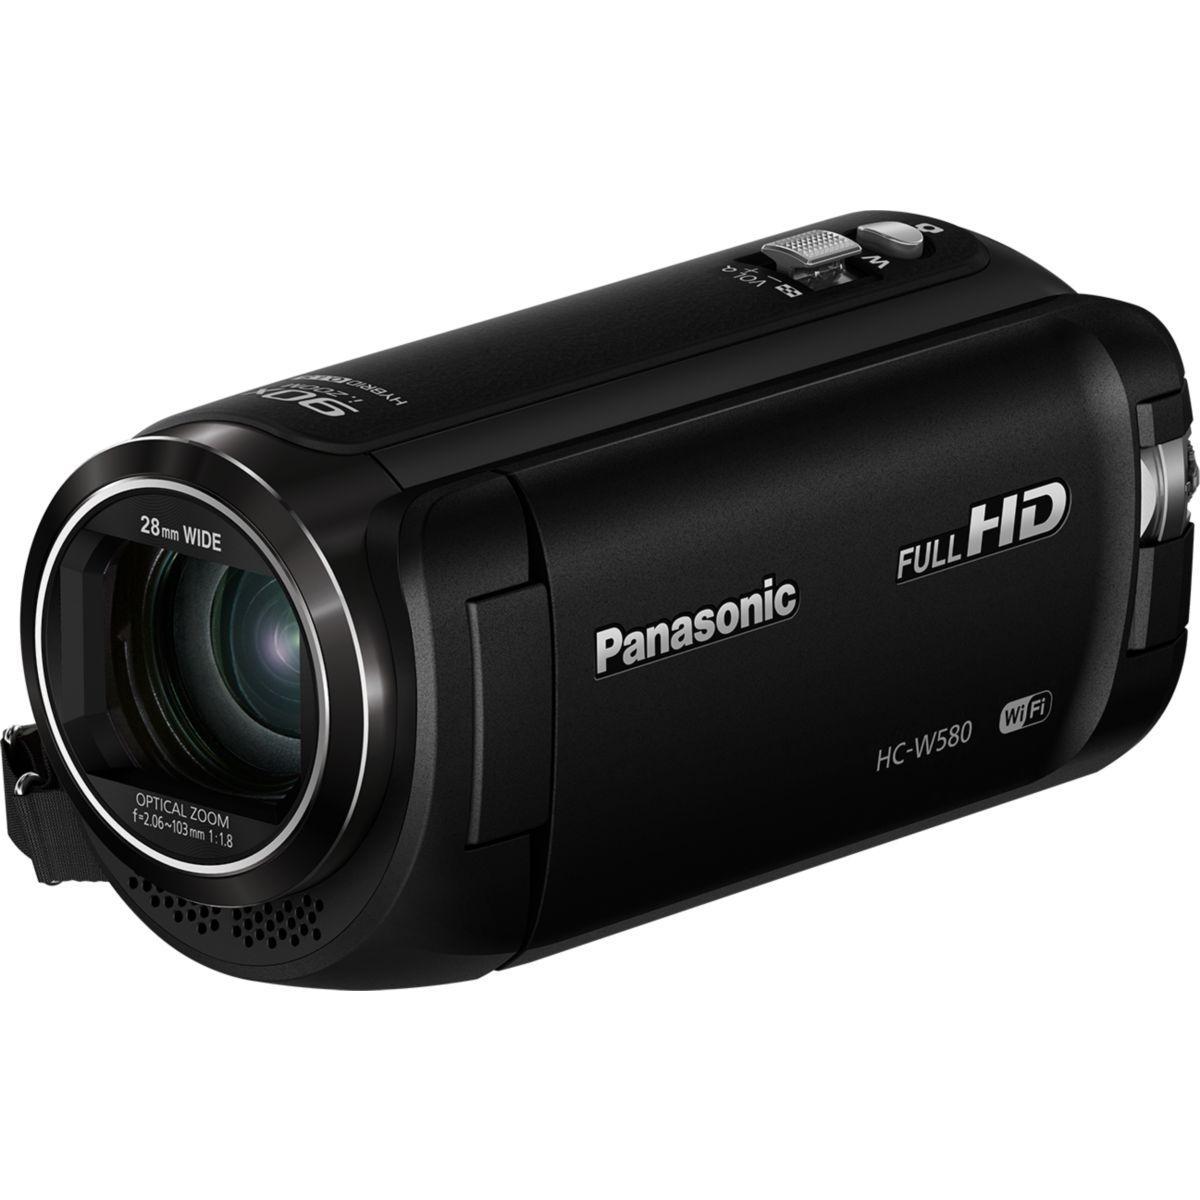 Camescope panasonic hc-w580 noir pack sd 16go - 3% de remise immédiate avec le code : multi3